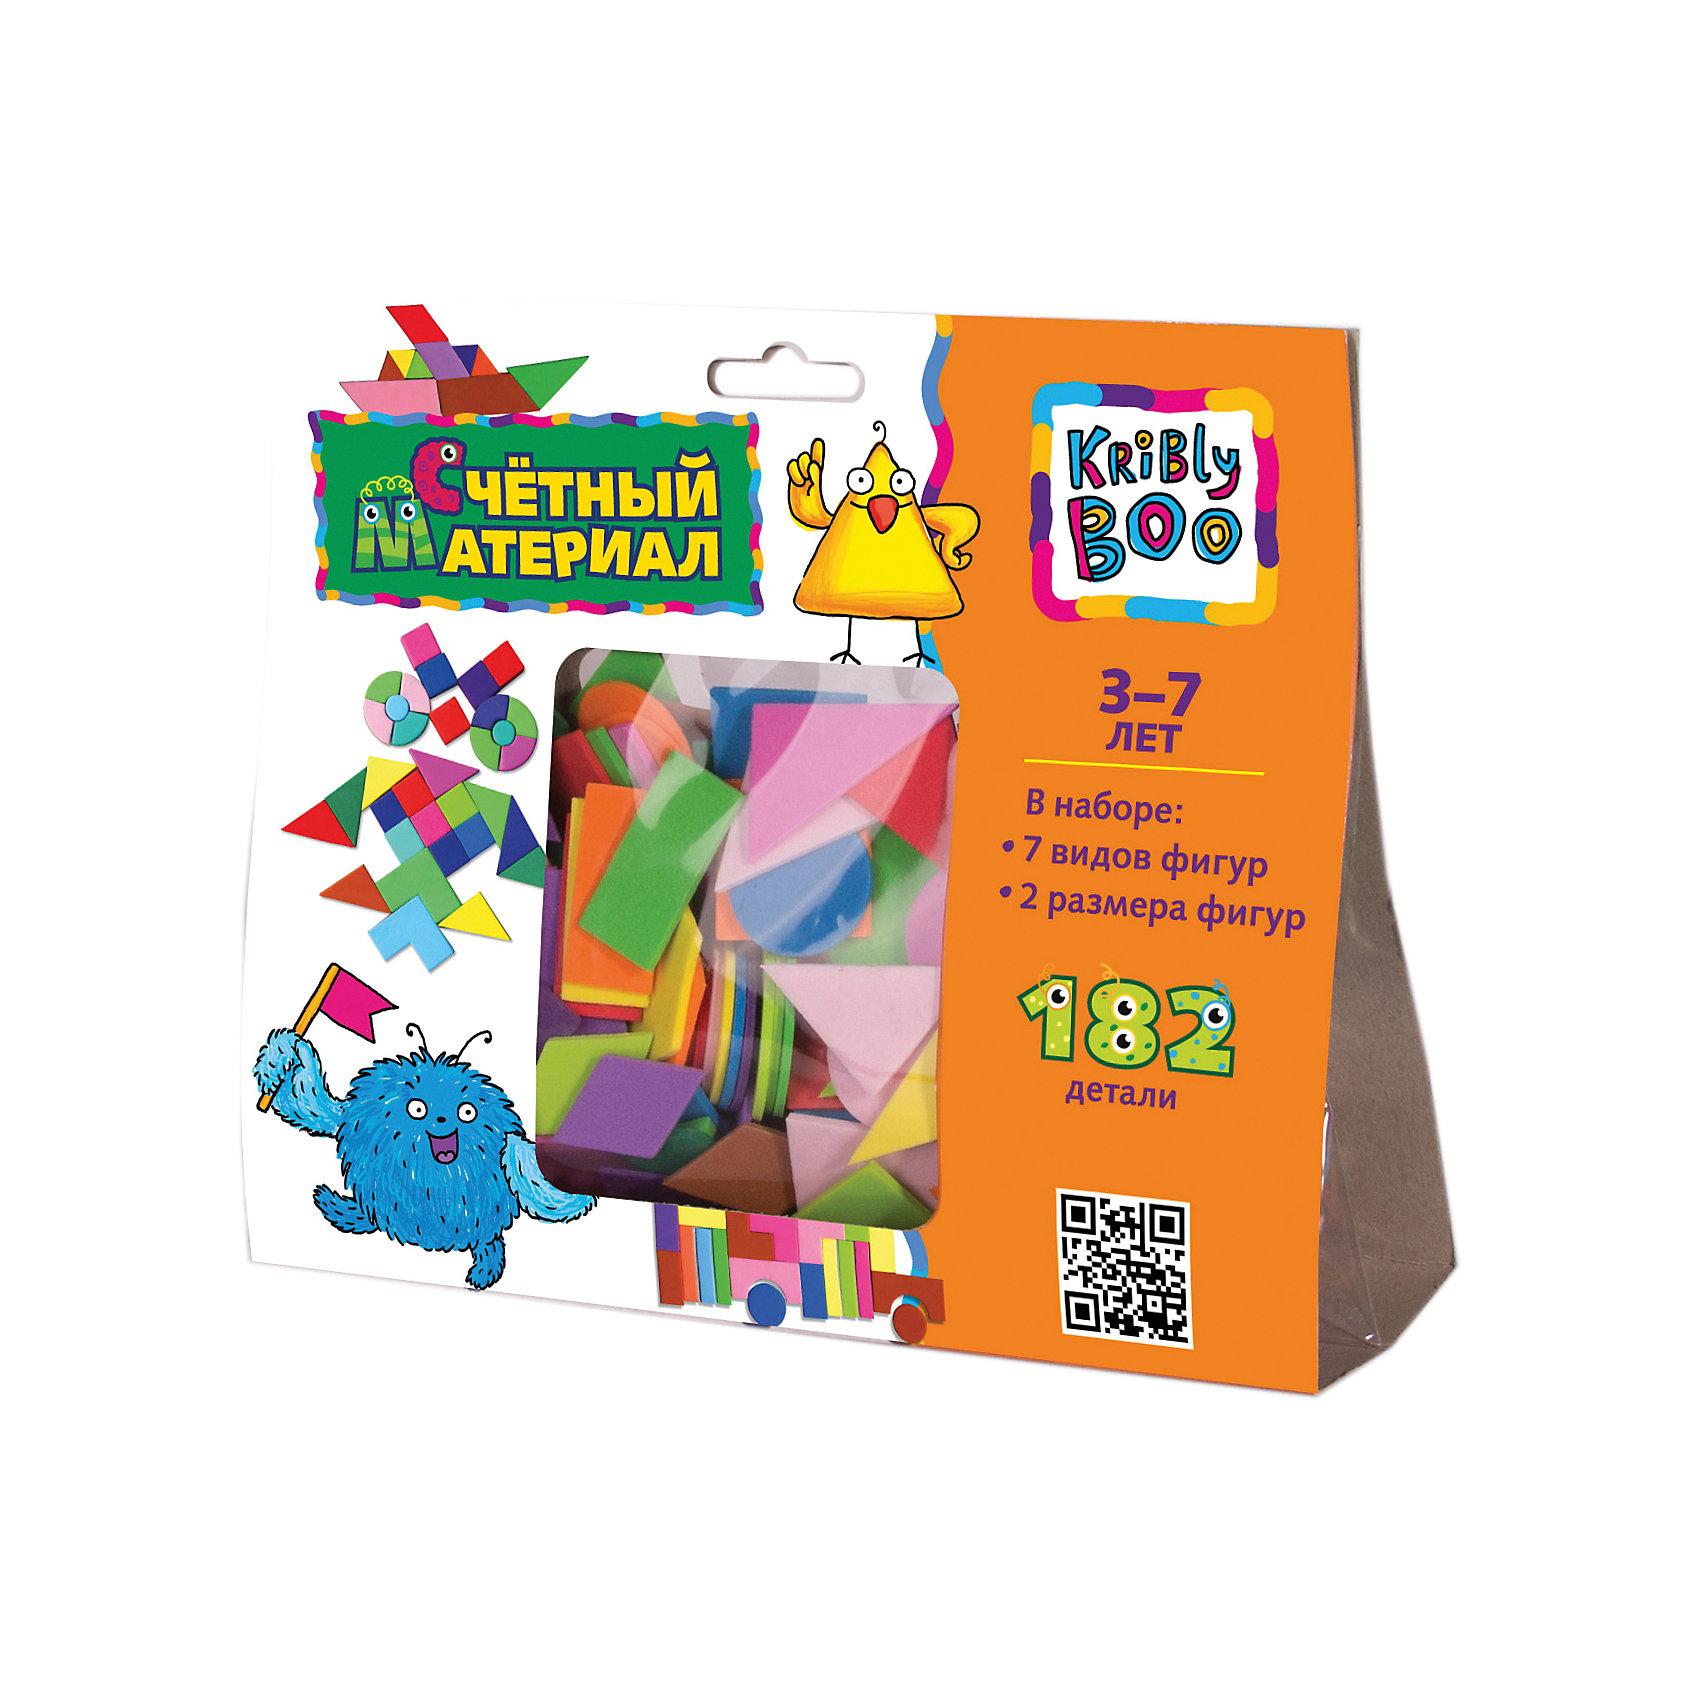 Счётный материал, 182 деталиДоски для рисования<br>Счётный материал, 182 детали – этот набор поможет Вашему малышу подготовиться к школе.<br>Набор мягких разноцветных геометрических фигур предназначен для тренировки навыков счета, знакомства с цветами и названиями фигур. С помощью элементов Вы можете наглядно показать ребенку, что такое много и мало, больше и меньше, большой и маленький. Дополнительно элементы комплекта можно использовать для выкладывания различных красочных узоров. Игра с таким набором тренирует память, логическое мышление и цветовосприятие, а также моторику ребенка.<br><br>Дополнительная информация:<br><br>- В наборе: 7 видов фигур, 2 размера фигур<br>- Количество деталей: 182<br>- Материал: вспененный полимер<br>- Размер упаковки: 210 х 180 х 70 мм.<br>- Вес: 50 гр.<br><br>Счётный материал, 182 детали можно купить в нашем интернет-магазине.<br><br>Ширина мм: 210<br>Глубина мм: 180<br>Высота мм: 70<br>Вес г: 50<br>Возраст от месяцев: 36<br>Возраст до месяцев: 2147483647<br>Пол: Унисекс<br>Возраст: Детский<br>SKU: 4564003